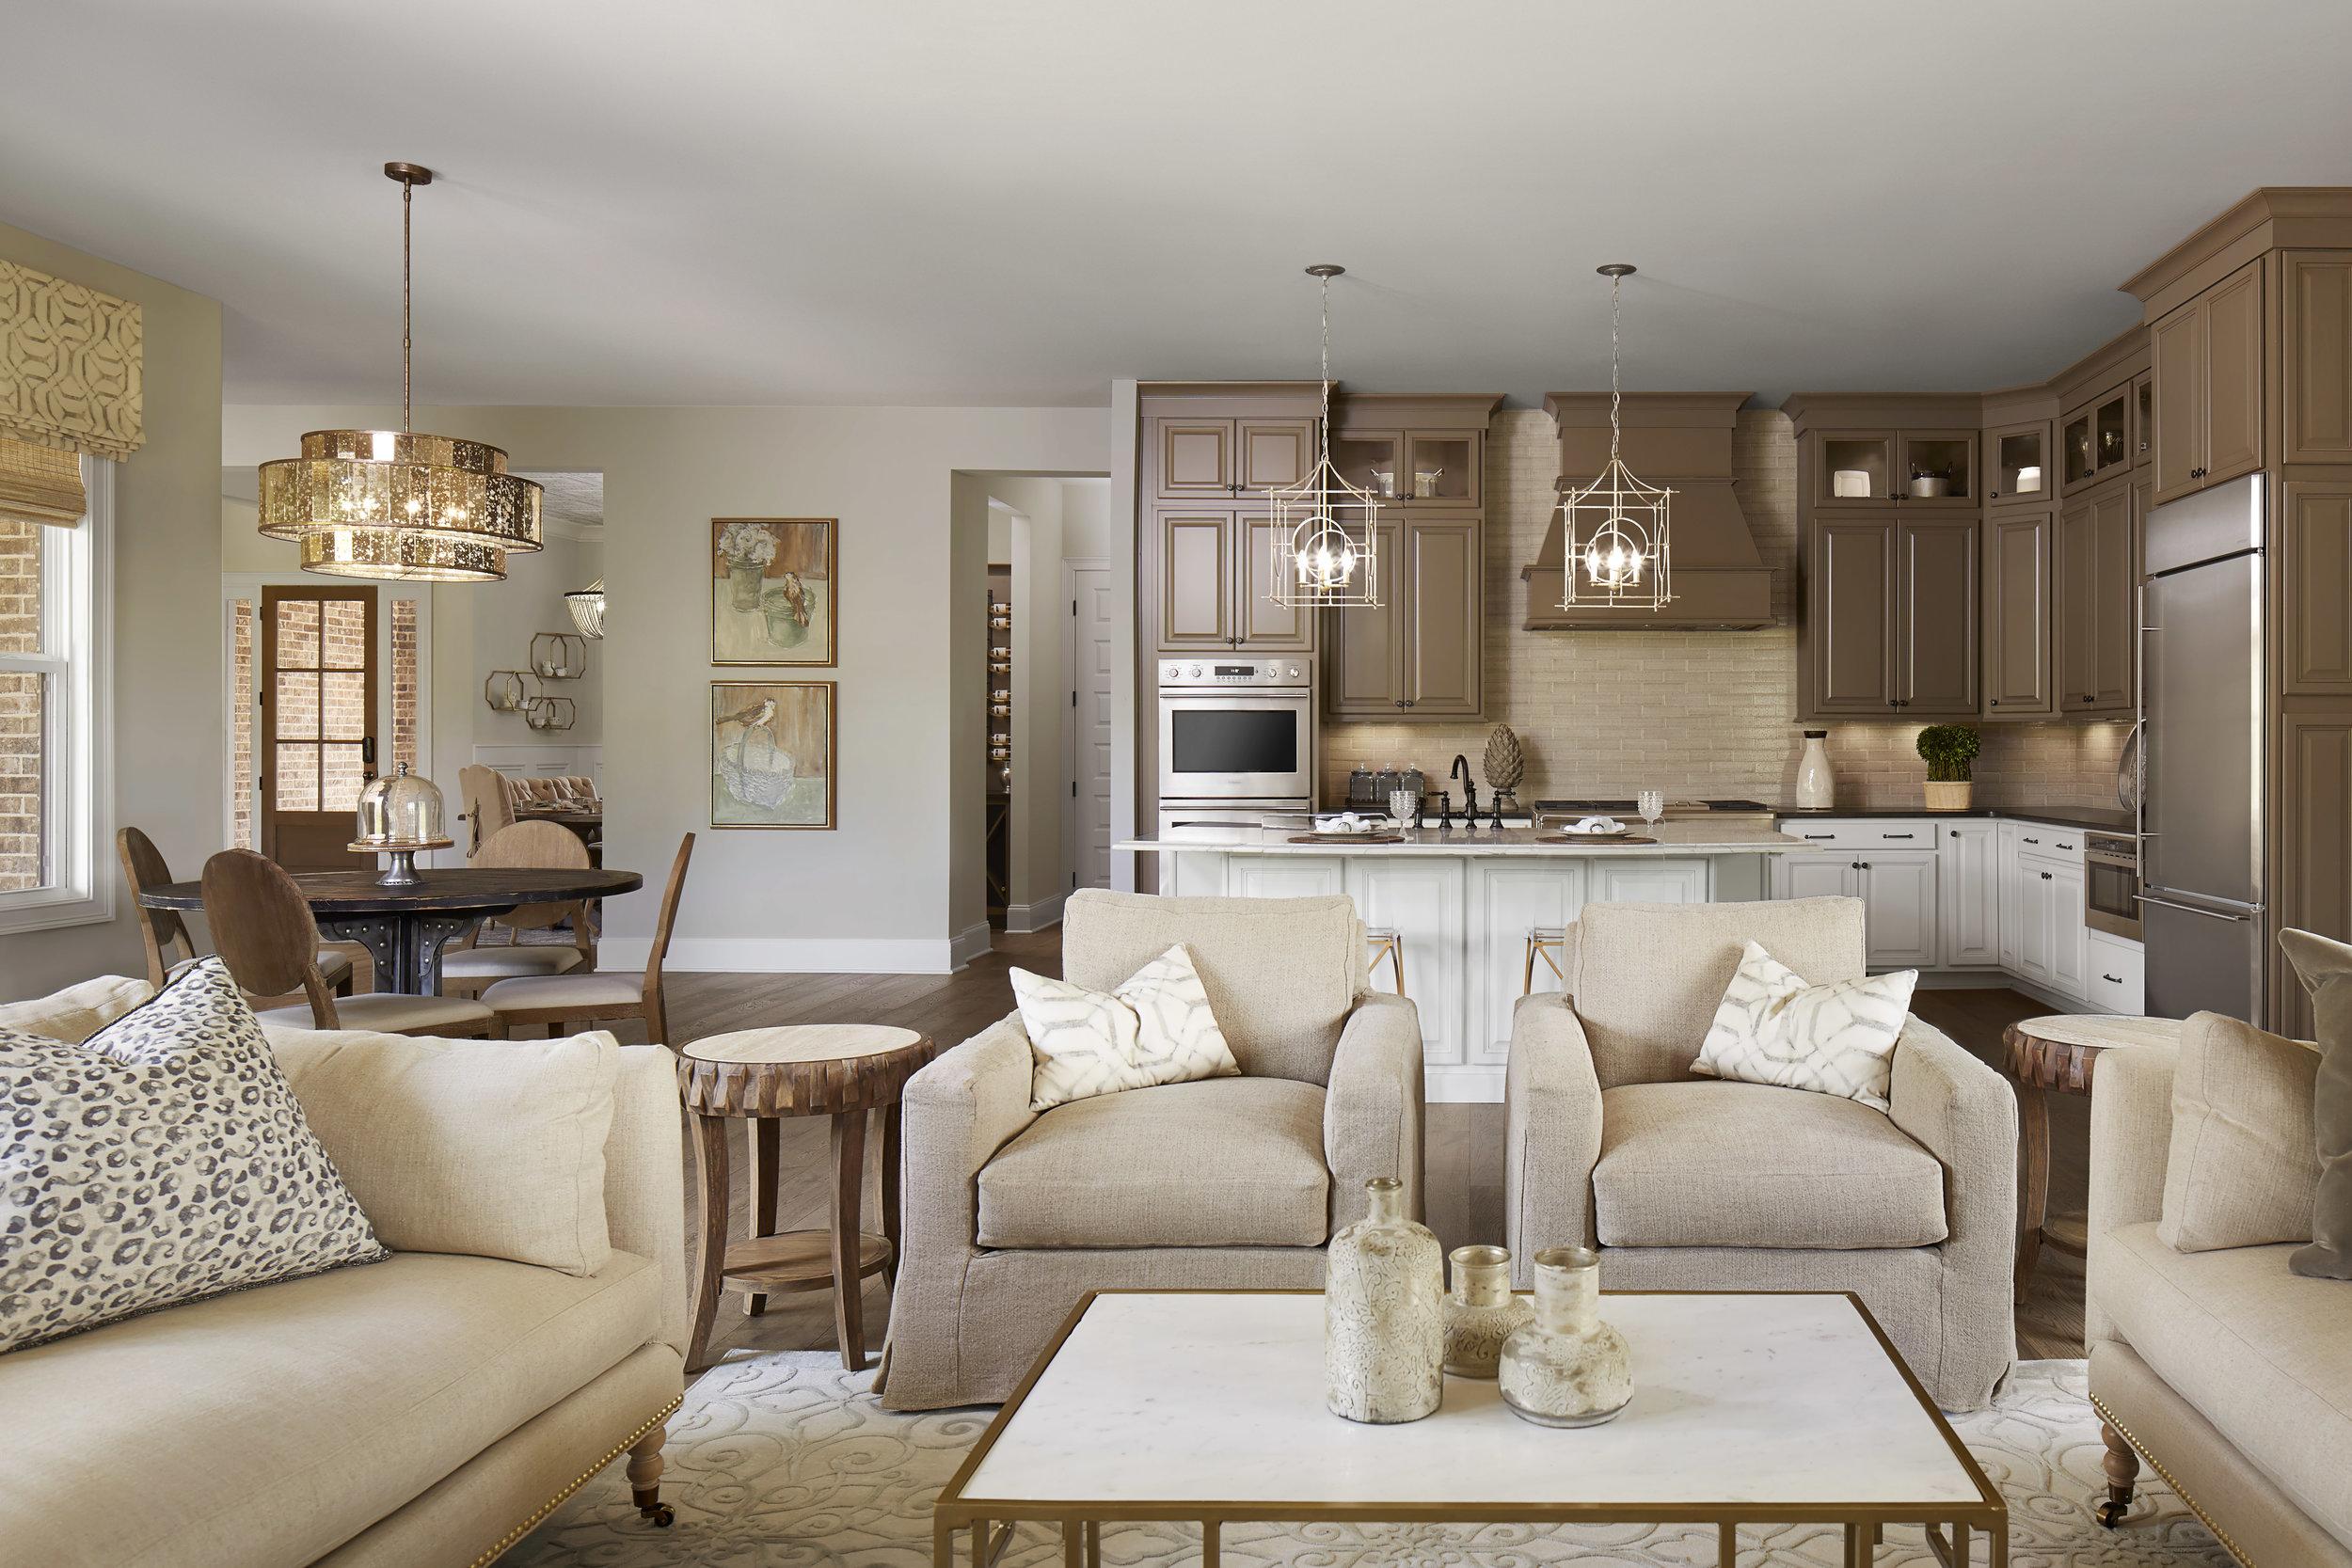 6003_lookaway_with_BCP_TT_BTS_kitchen_living_room.jpg